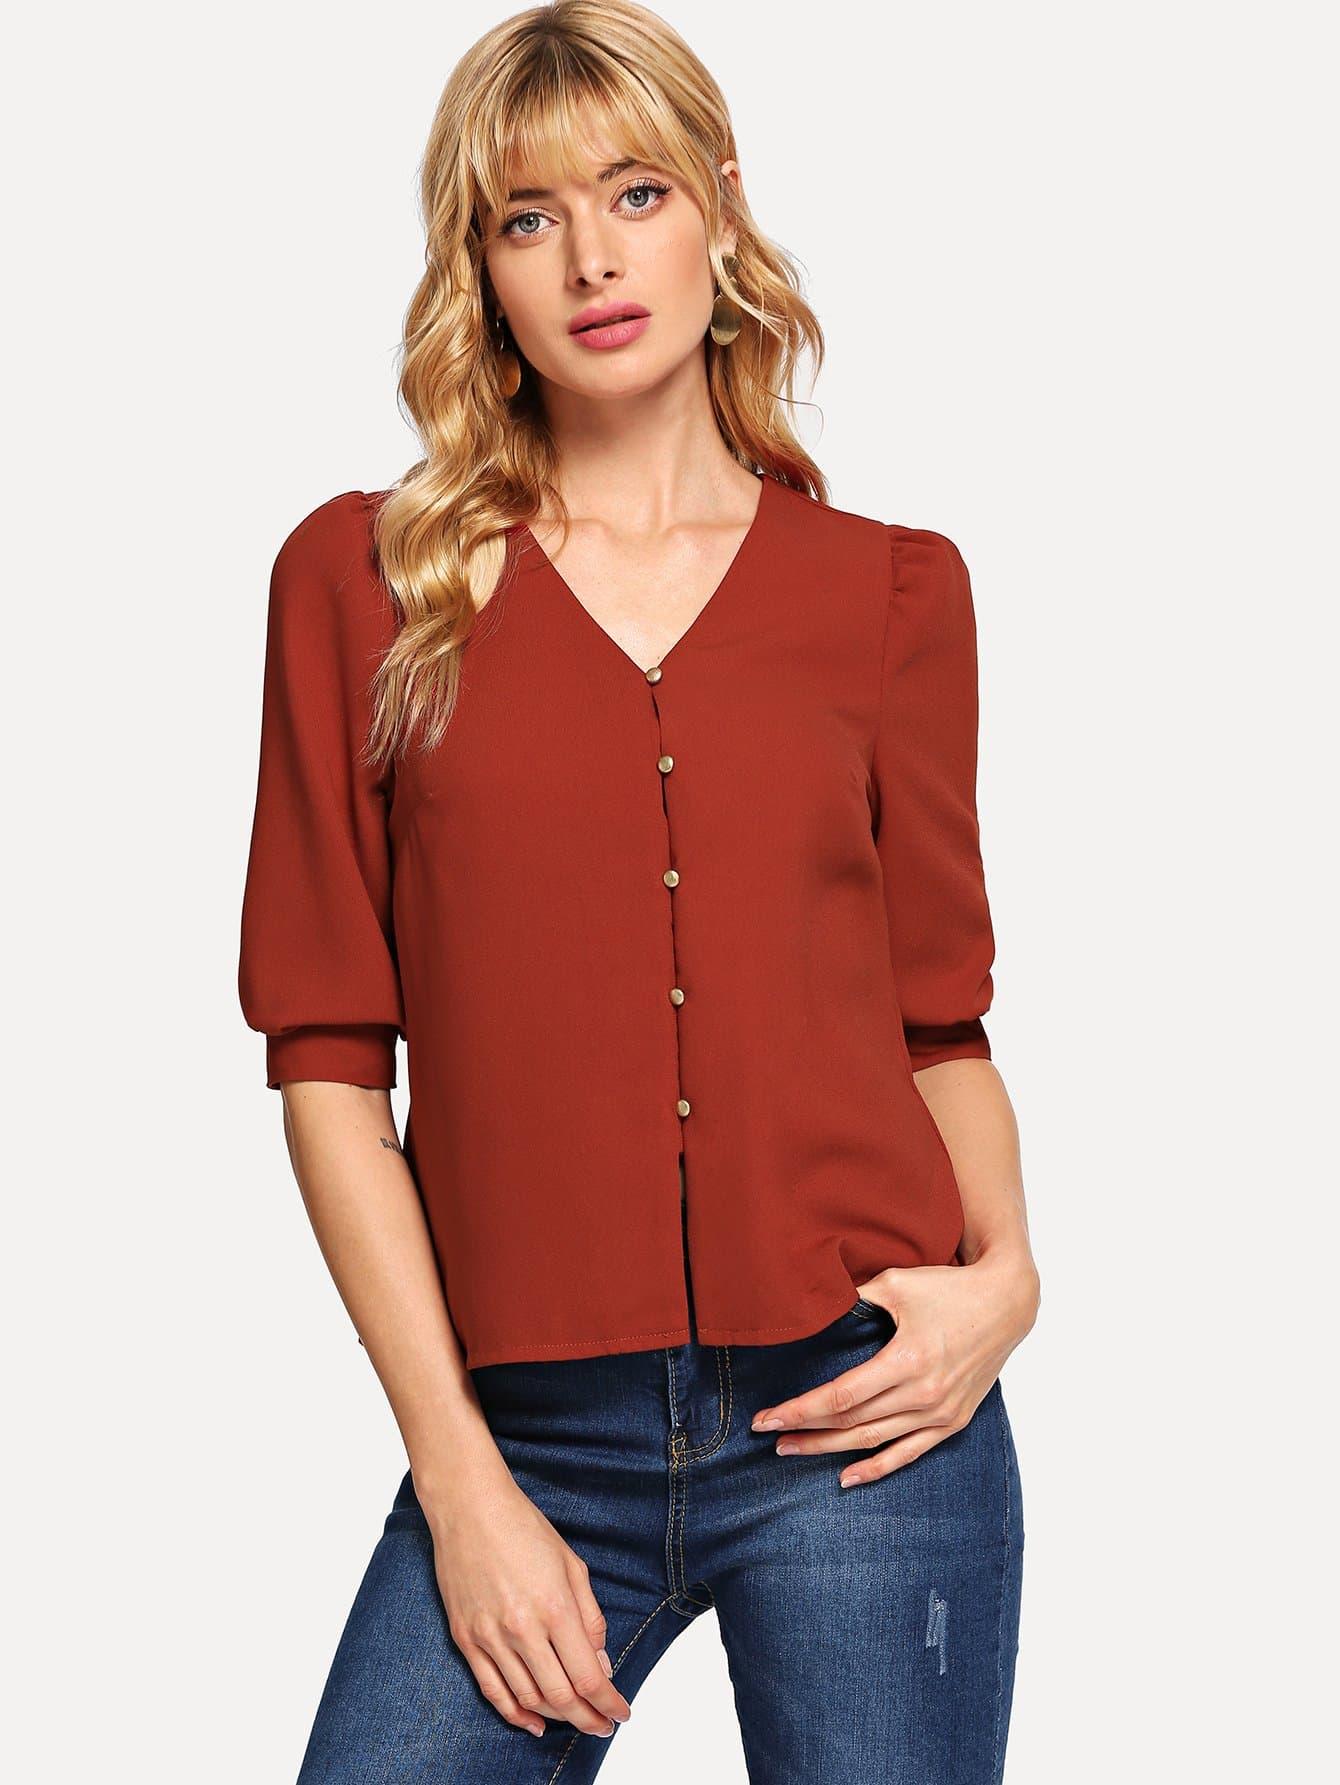 Купить Блуза с рукав-фонариками и украшением пуговицы, Masha, SheIn